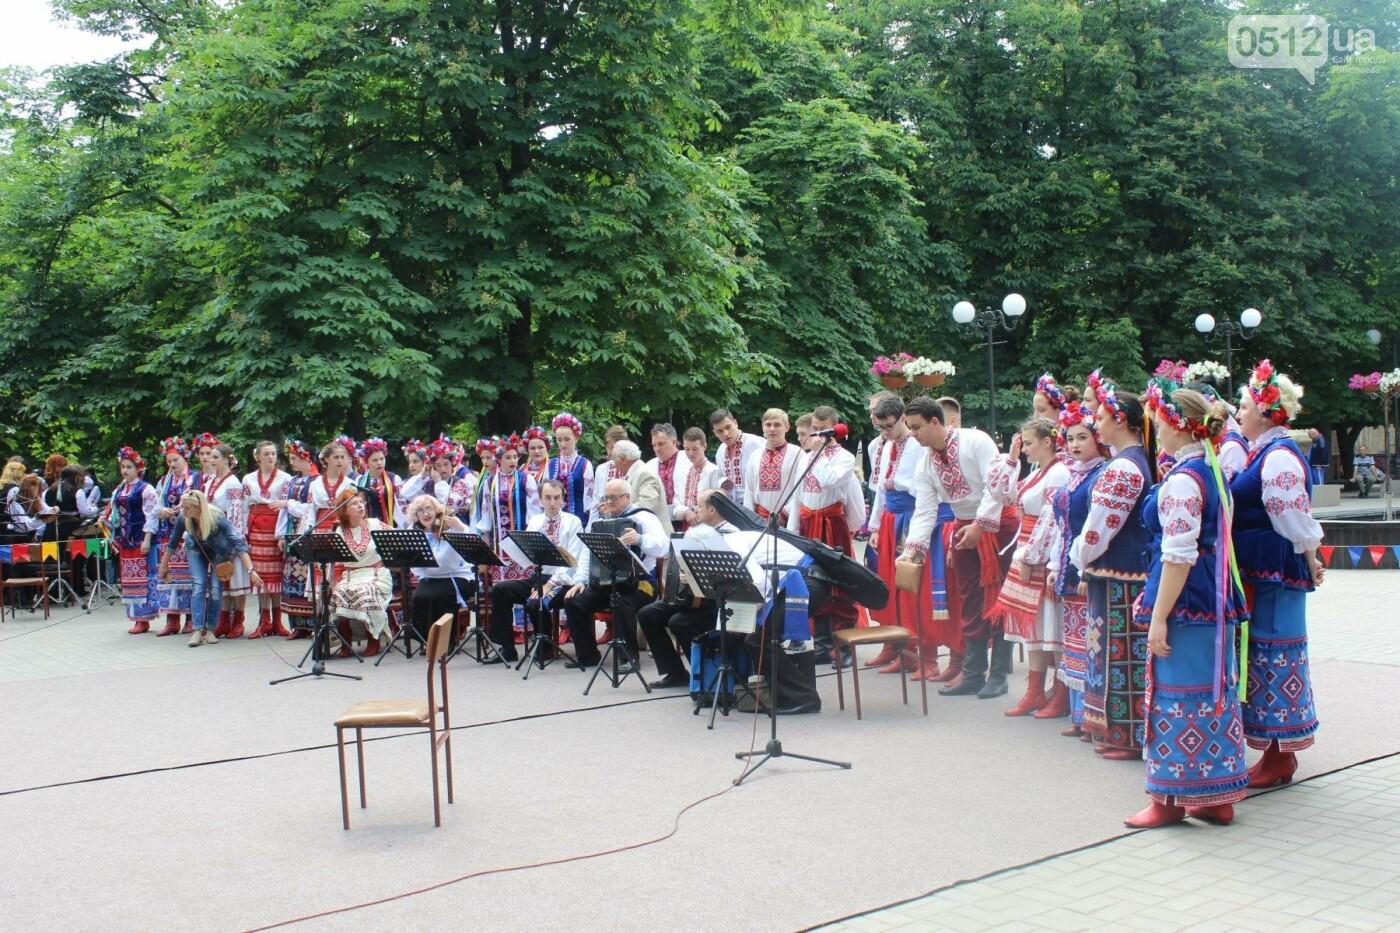 В Николаеве отпраздновали День семьи, - ФОТО, фото-48